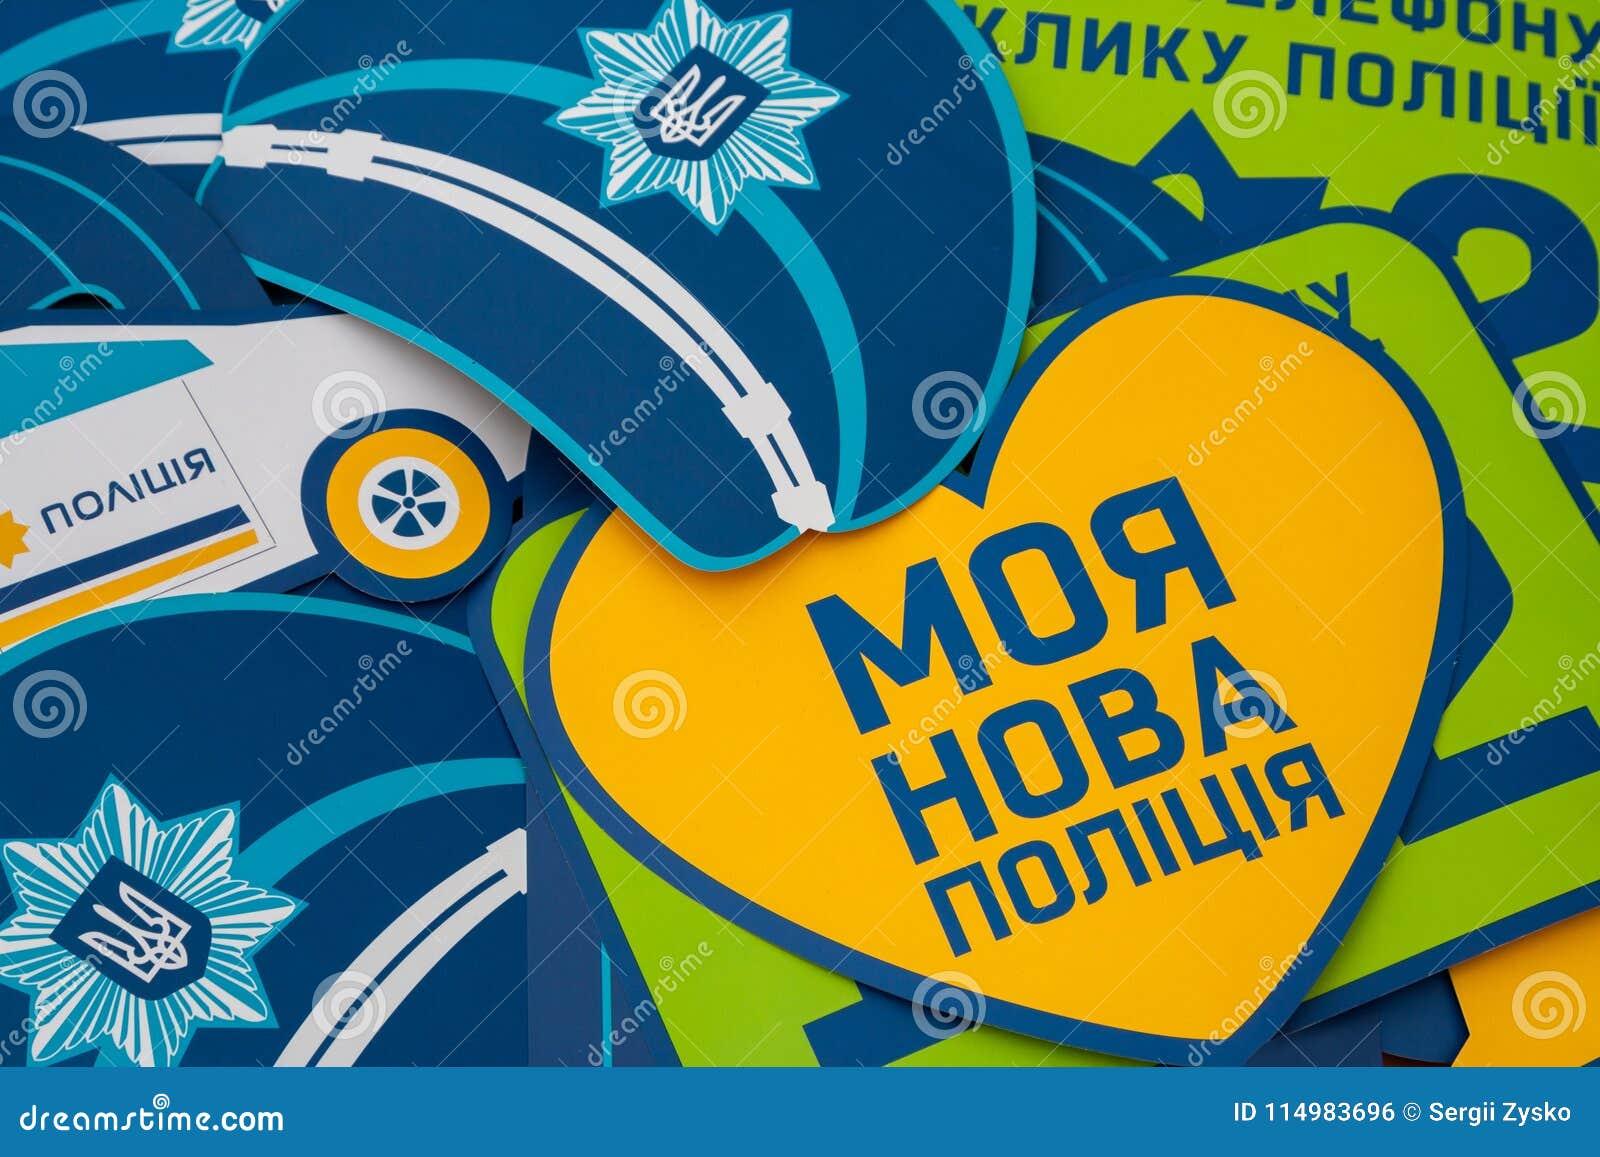 乌克兰- 2018年4月14日, 乌克兰的新的警察 池氏的海报